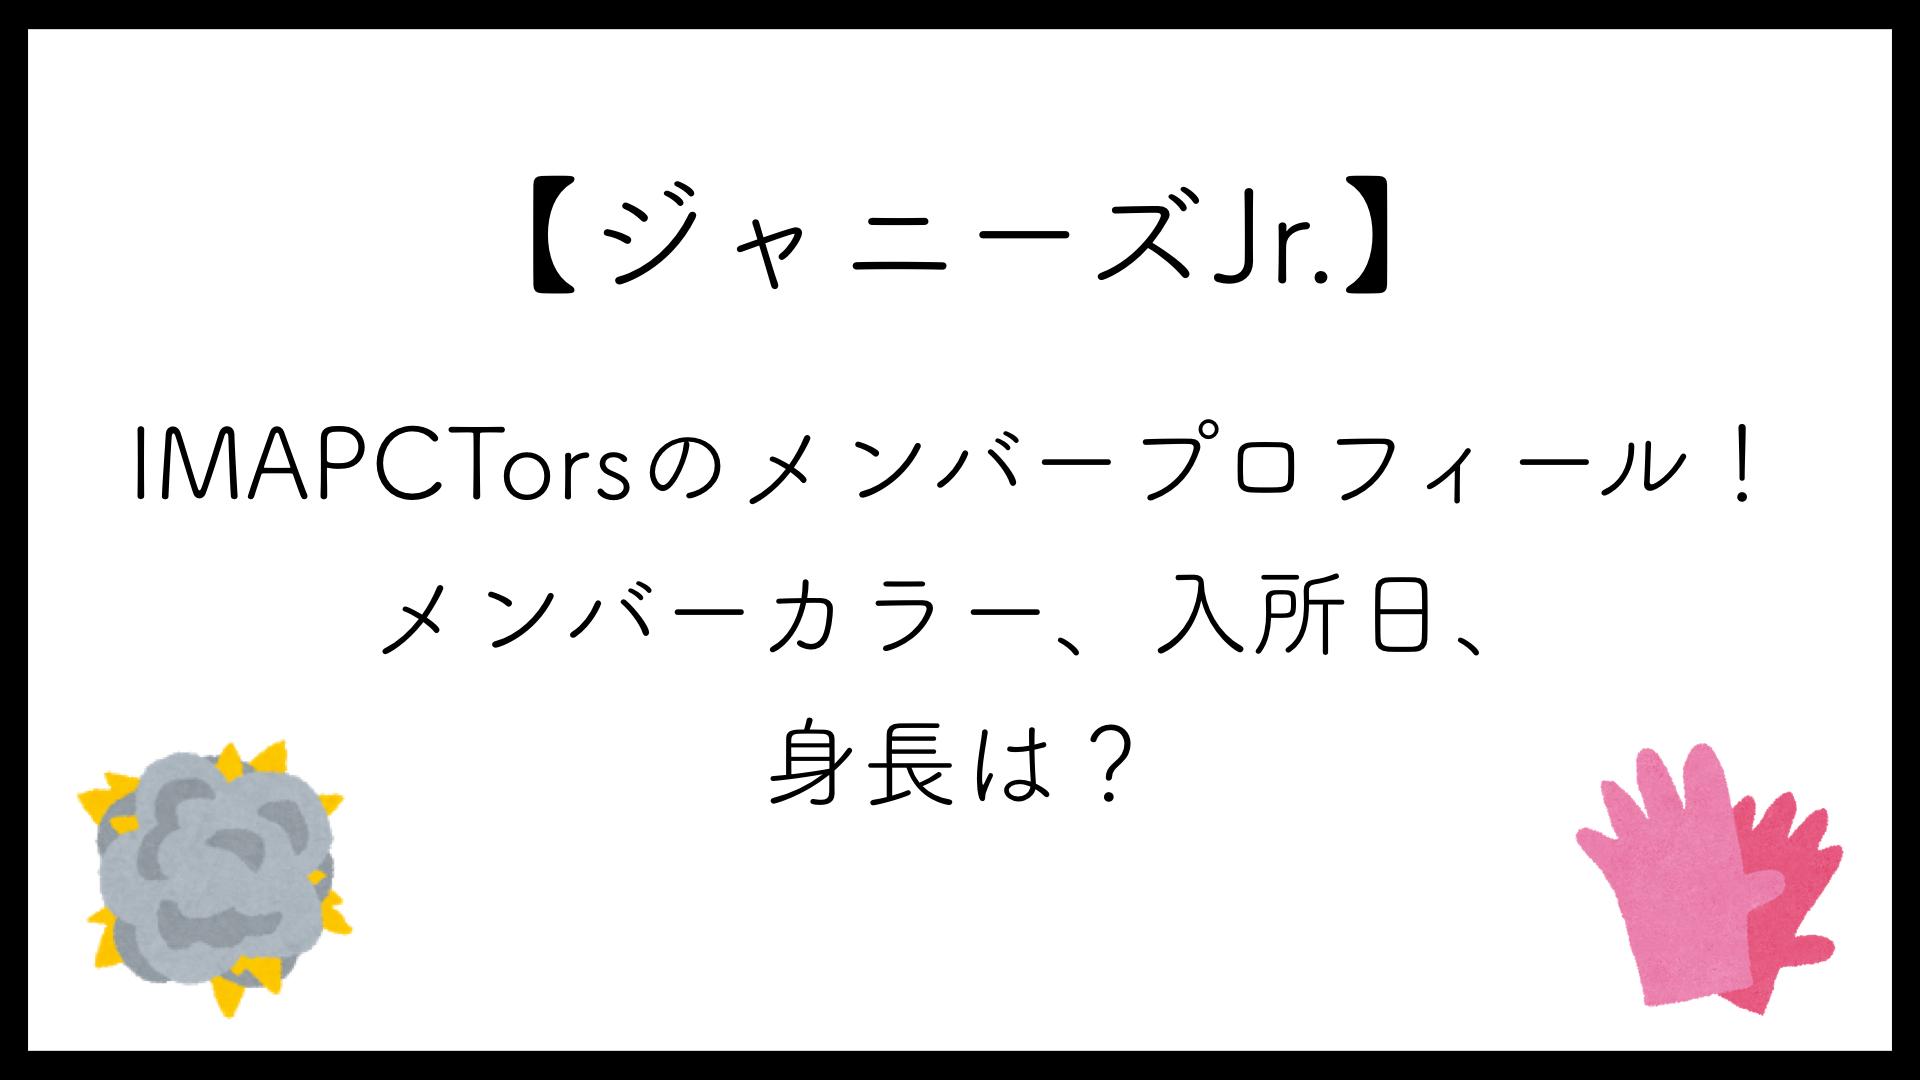 【ジャニーズJr.】IMPACTorsメンバープロフィール!メンバーカラー、入所日、身長は?